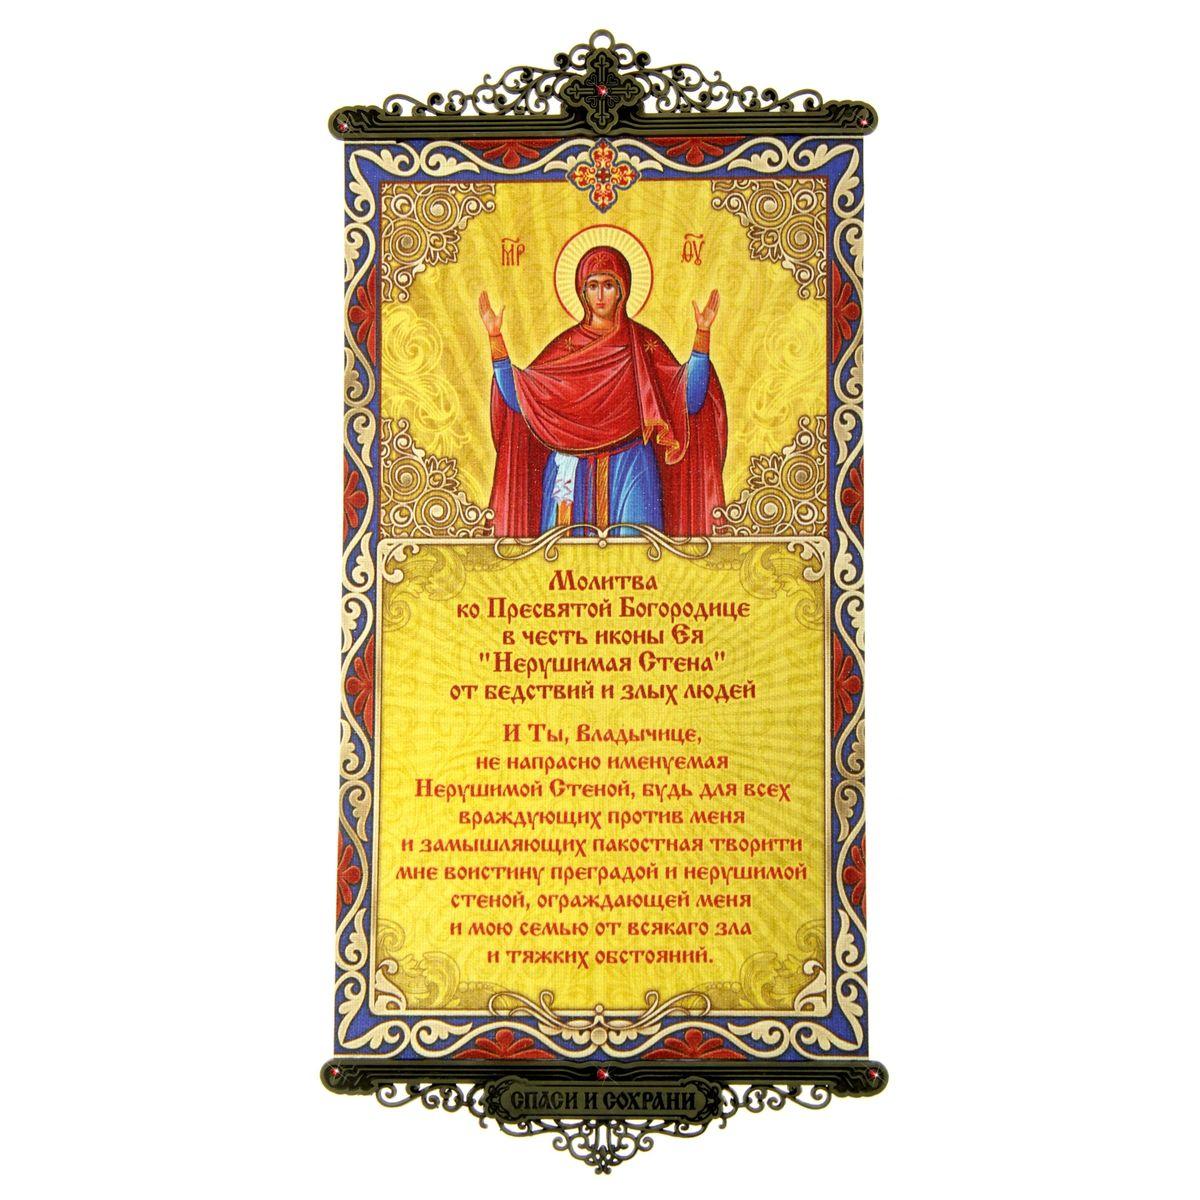 Икона с молитвой Молитва ко Пресвятой Богородице от бедствий и злых людей, на подвесахFS-91909Икона с молитвой Молитва ко Пресвятой Богородице от бедствий и злых людей выполнена из плотного текстиля с нанесенным цветным рисунком, края декорированы ажурными металлическими вставками со стразами. Цветовая гамма и интерьер влияют на настроение каждого, именно поэтому так важны детали, которые нас окружают. Знатоки интерьерных решений стараются применять самые разнообразные решения при художественном оформлении внутреннего пространства и использовать все возможные материалы. Икона с молитвой на подвесах - это хорошее решение для интерьера по выгодной цене!